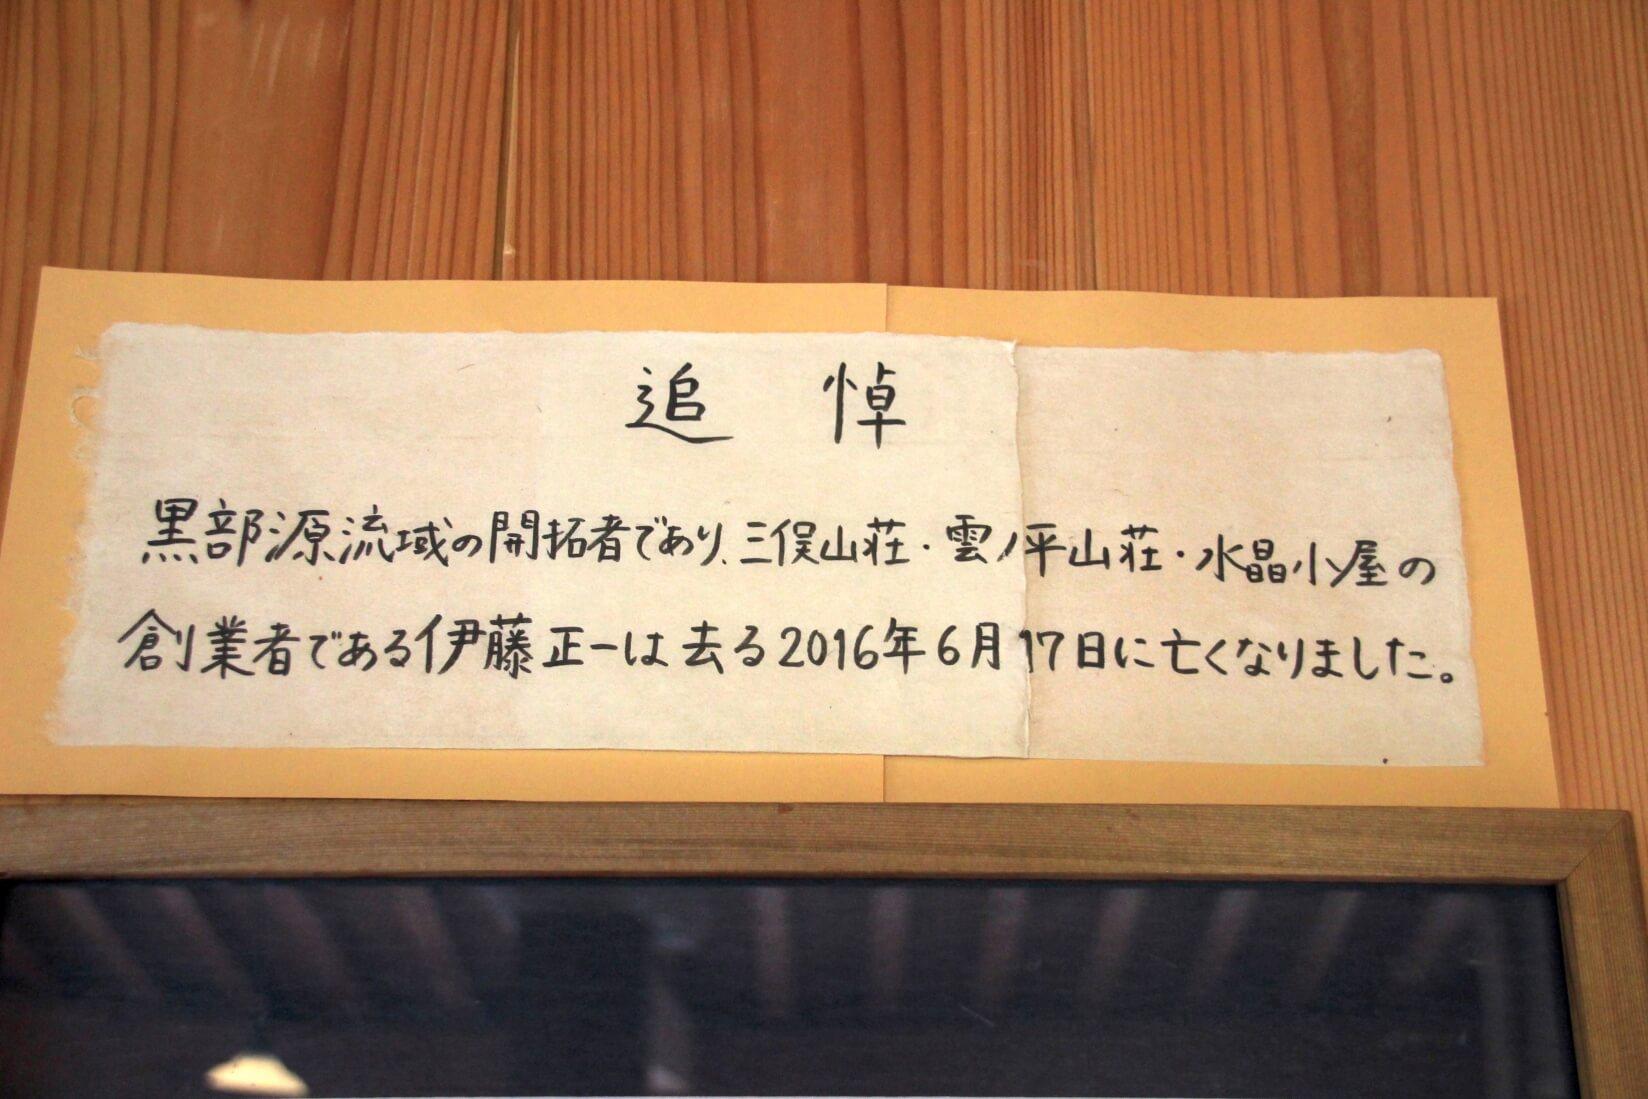 伊藤正一さん追悼パネルの説明